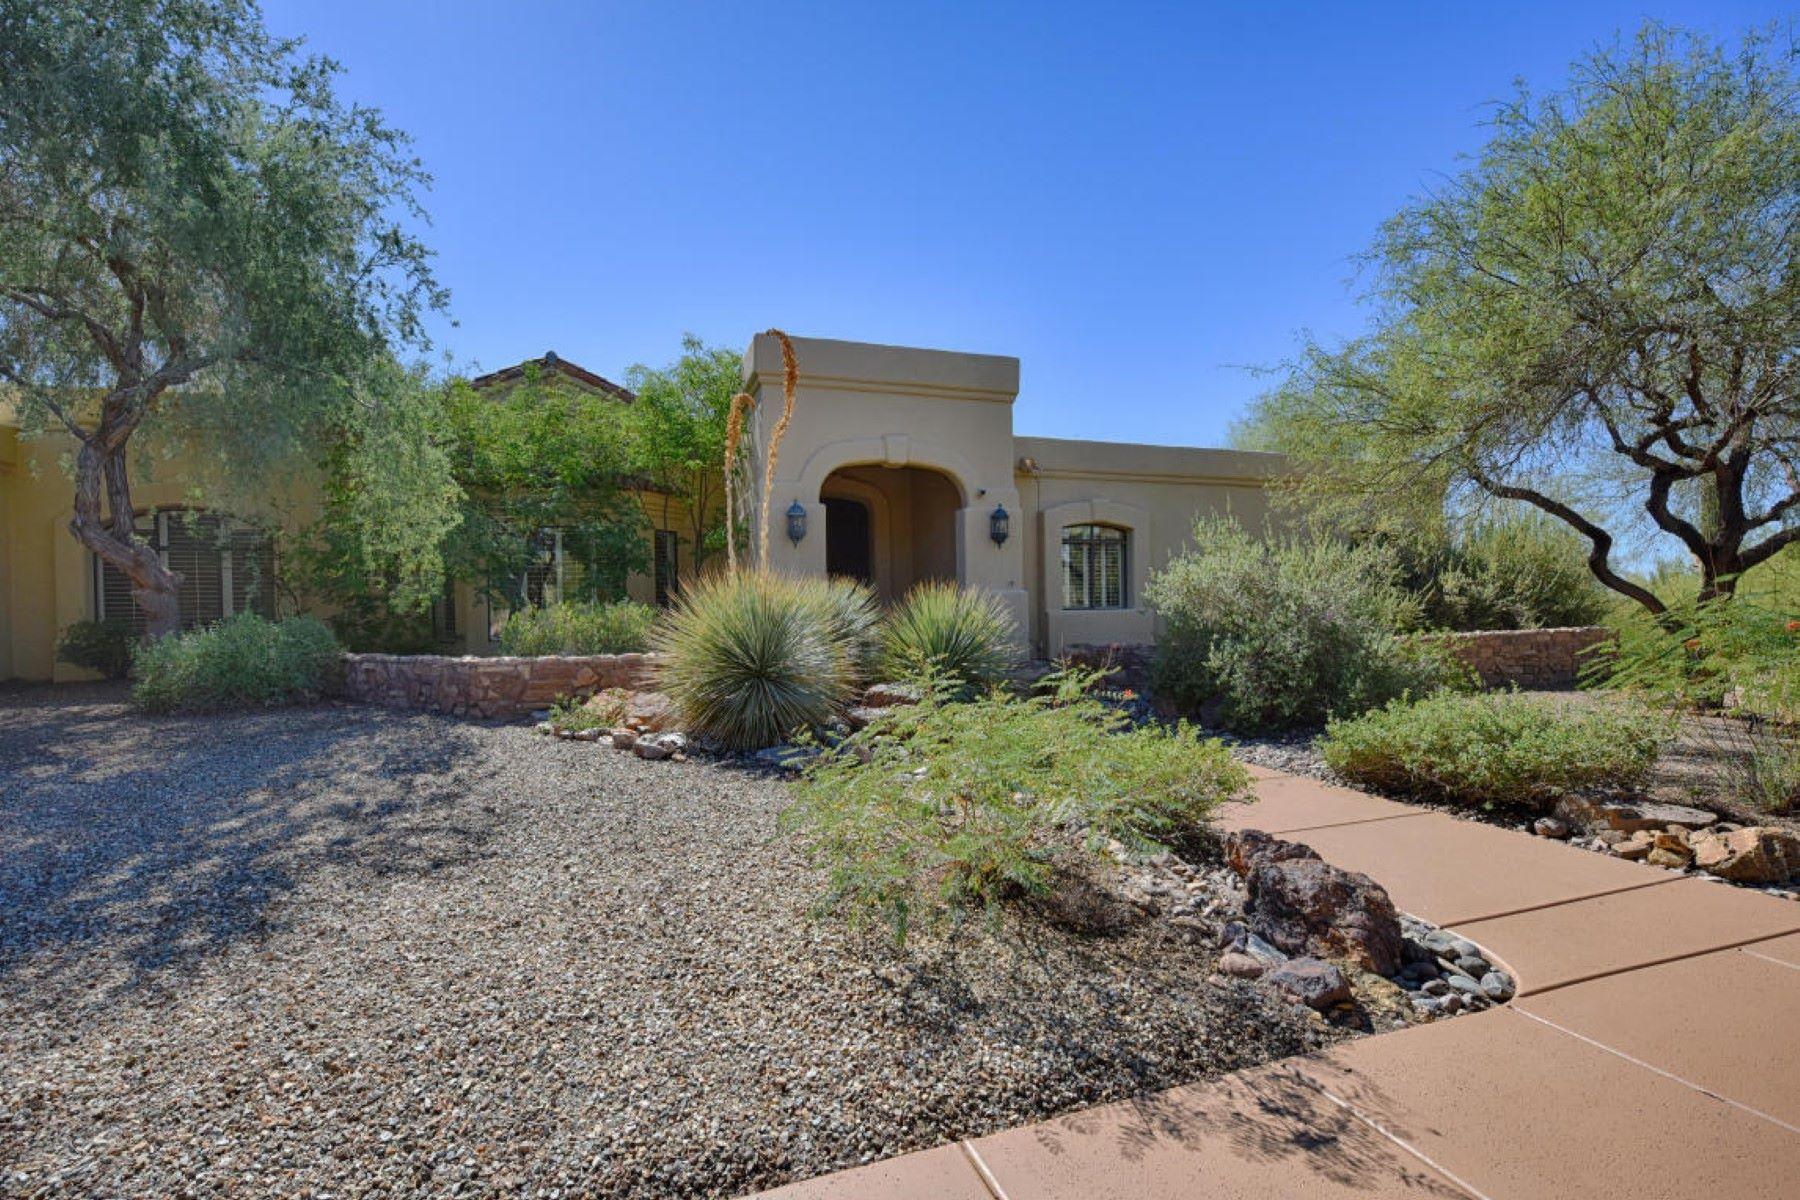 一戸建て のために 売買 アット Lovely Scottsdale home in Pinnacle Peak 9725 E Sands Dr Scottsdale, アリゾナ, 85255 アメリカ合衆国